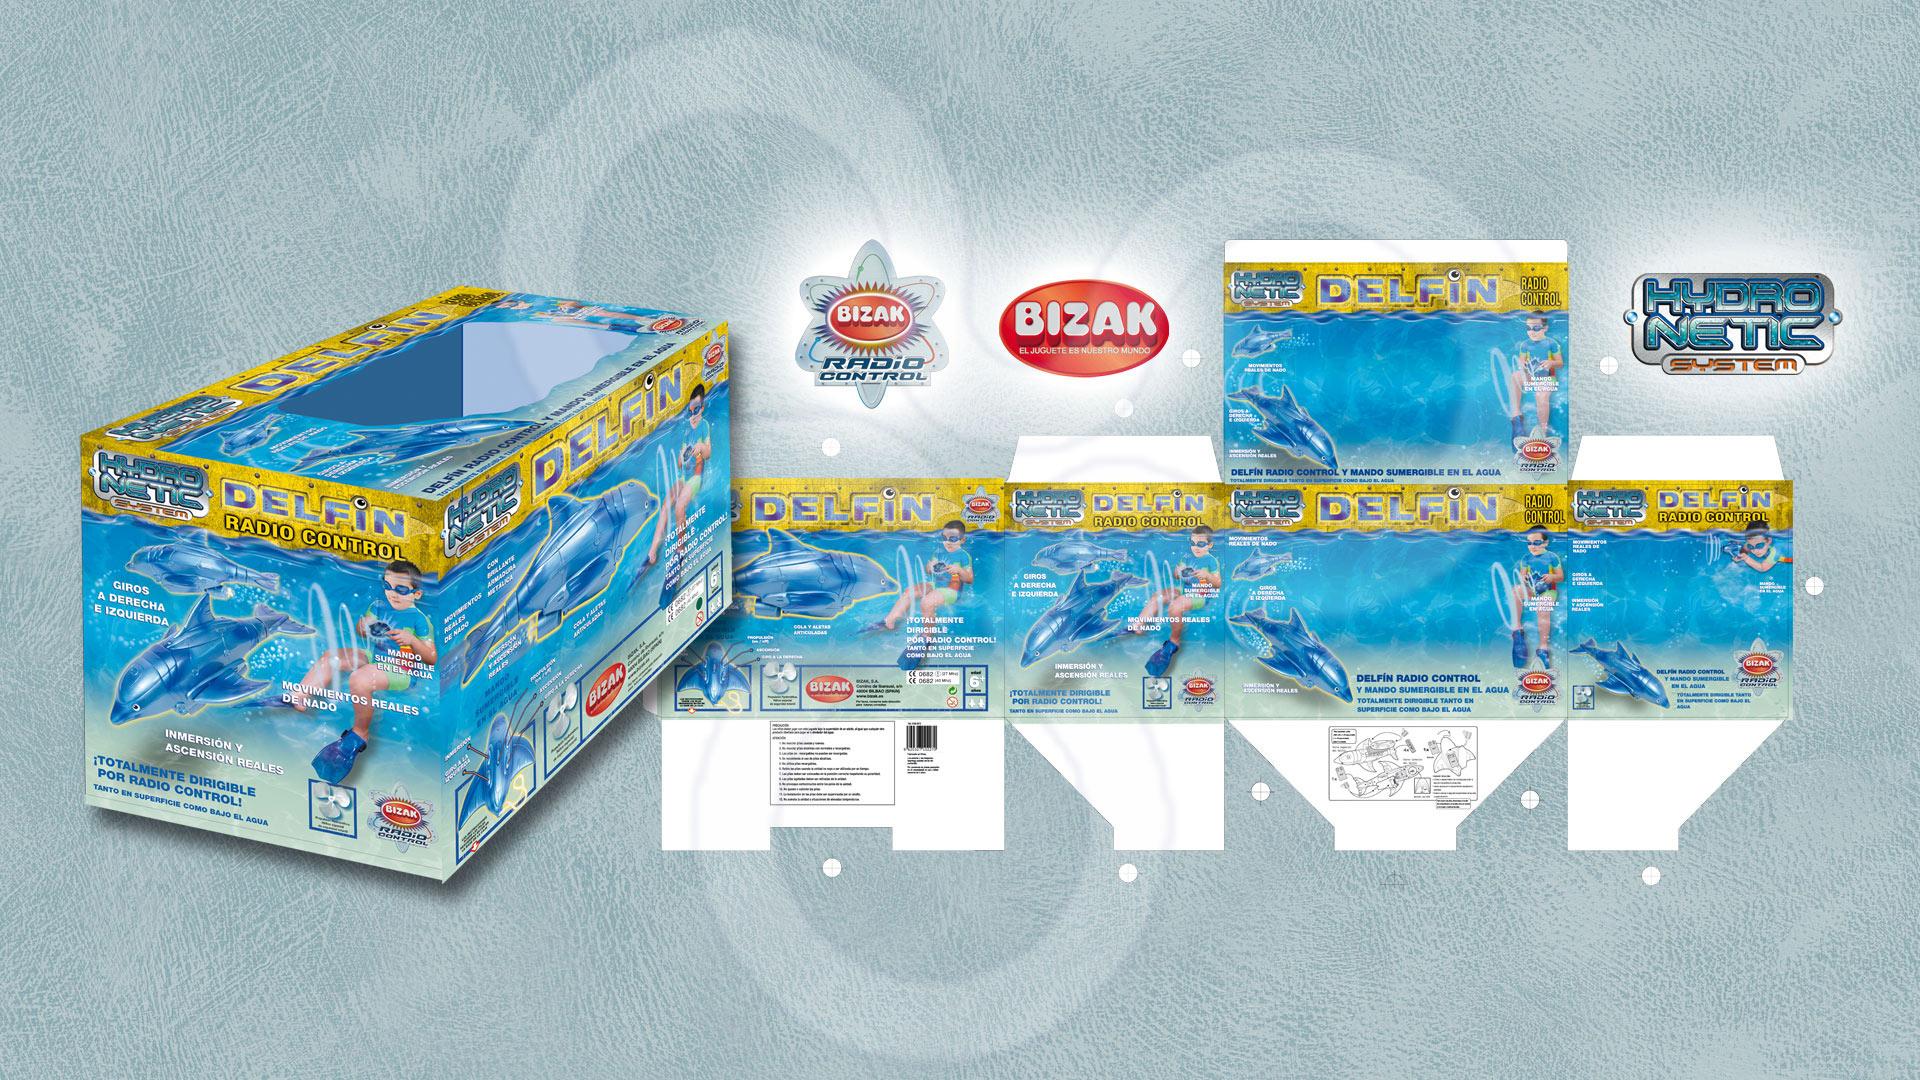 Identidad corporativa y packaging para Juguetes BIZAK